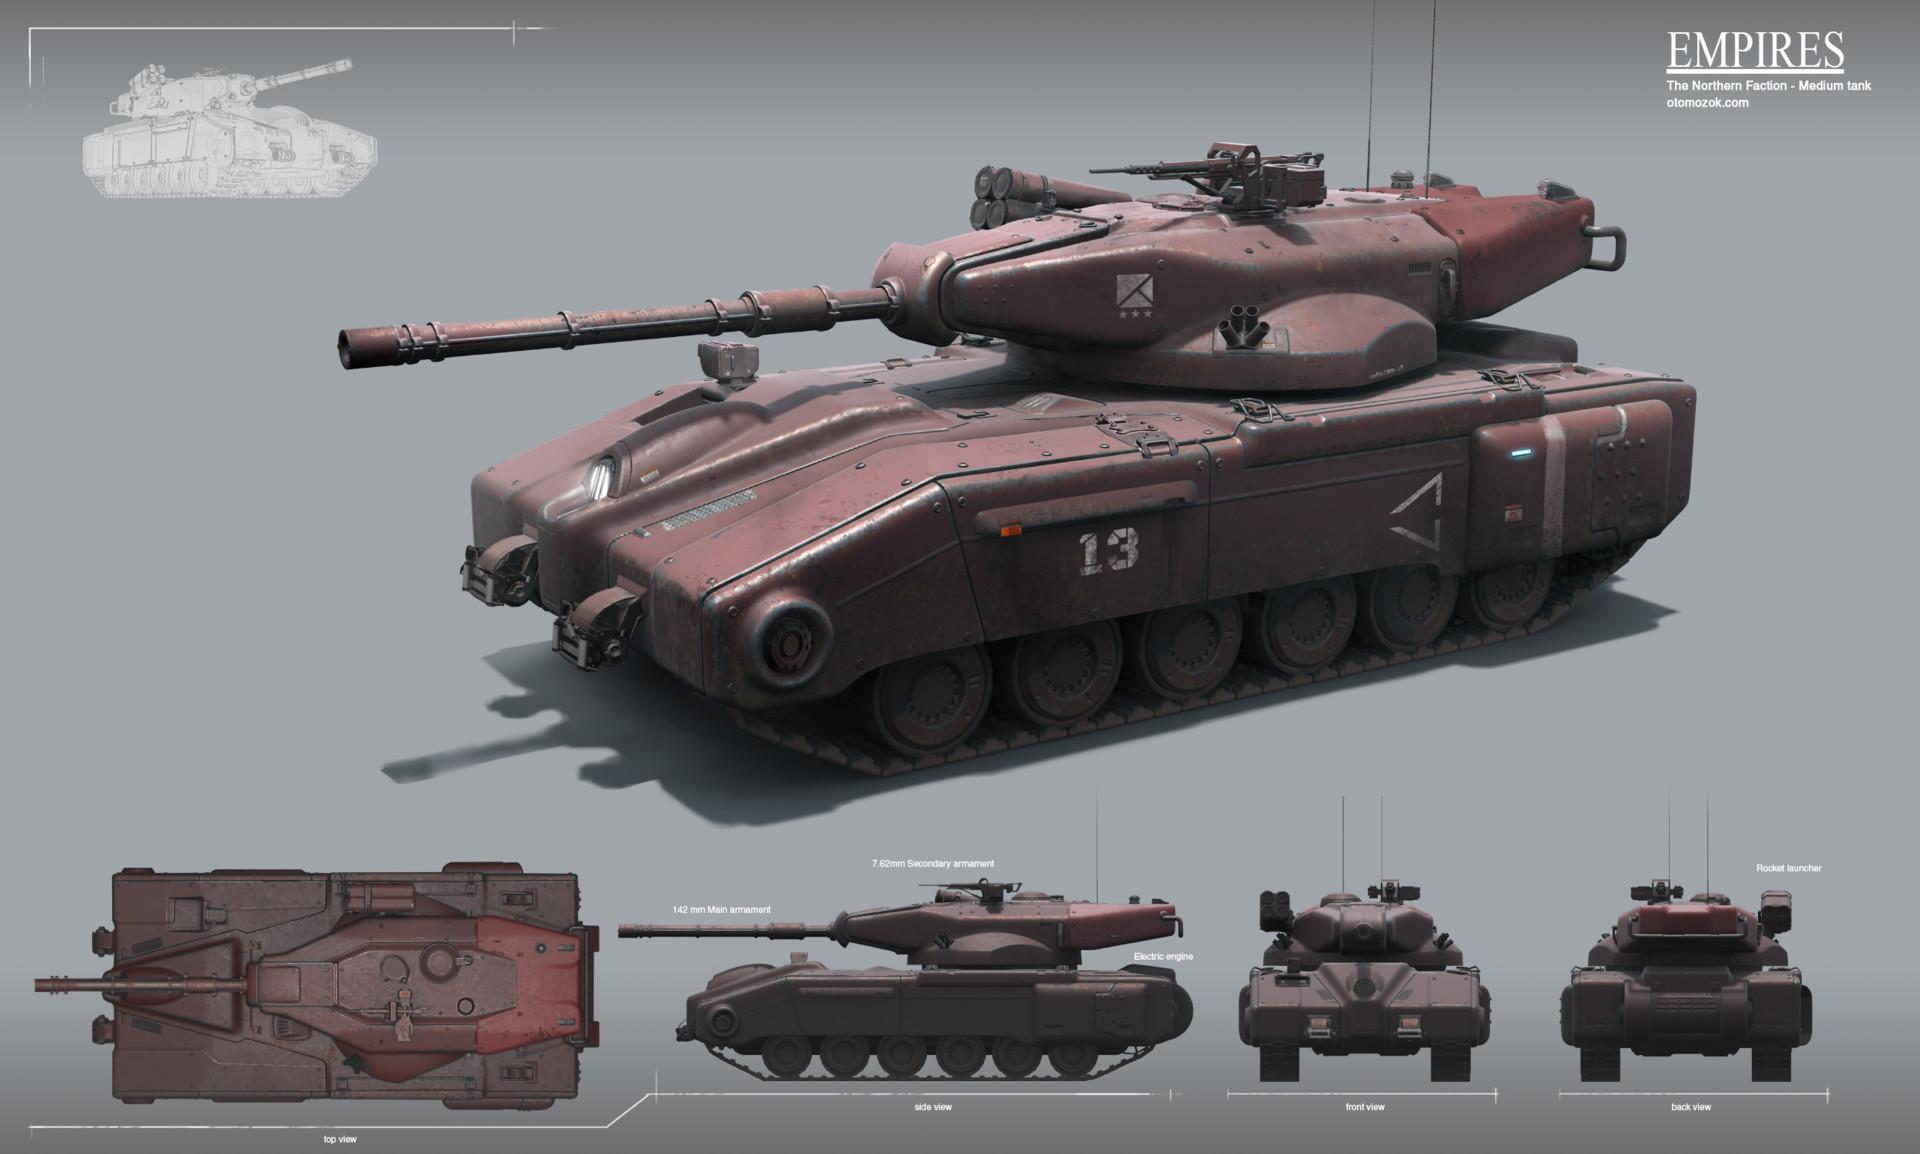 Arthur gurin nf medium tank